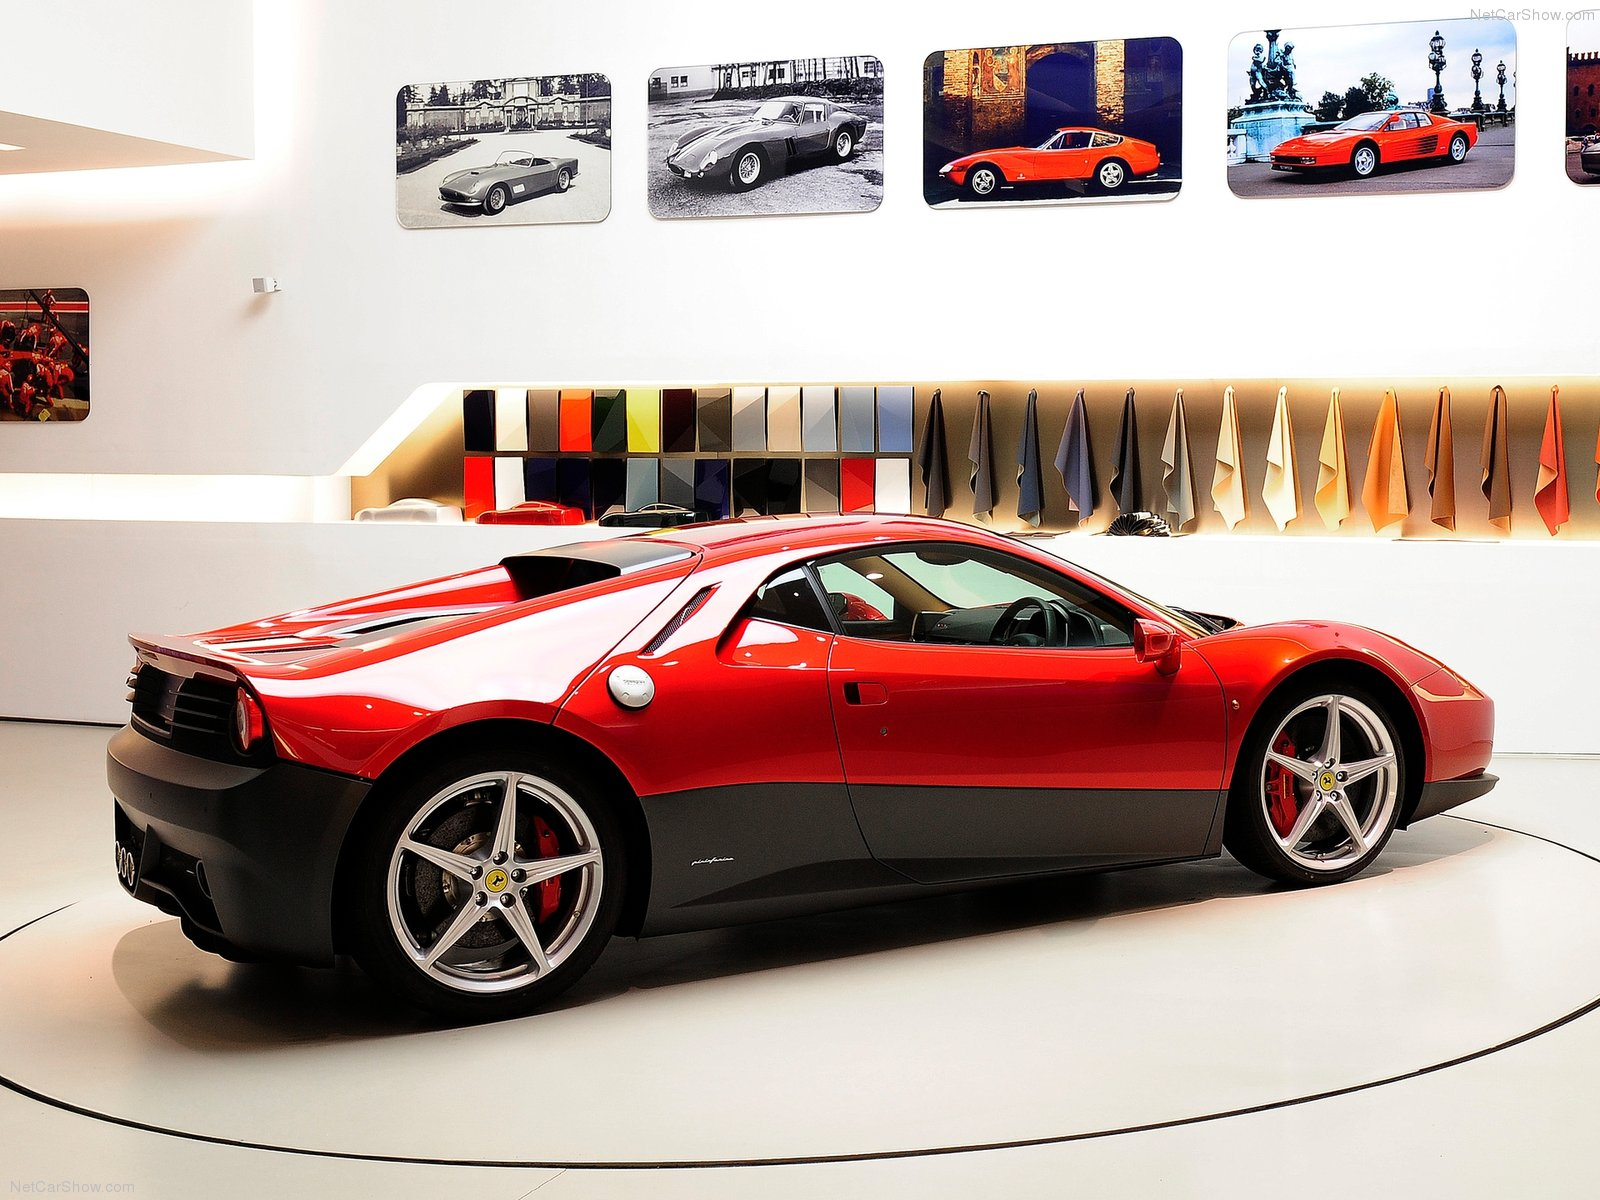 Hình ảnh siêu xe Ferrari SP12 EC 2012 & nội ngoại thất